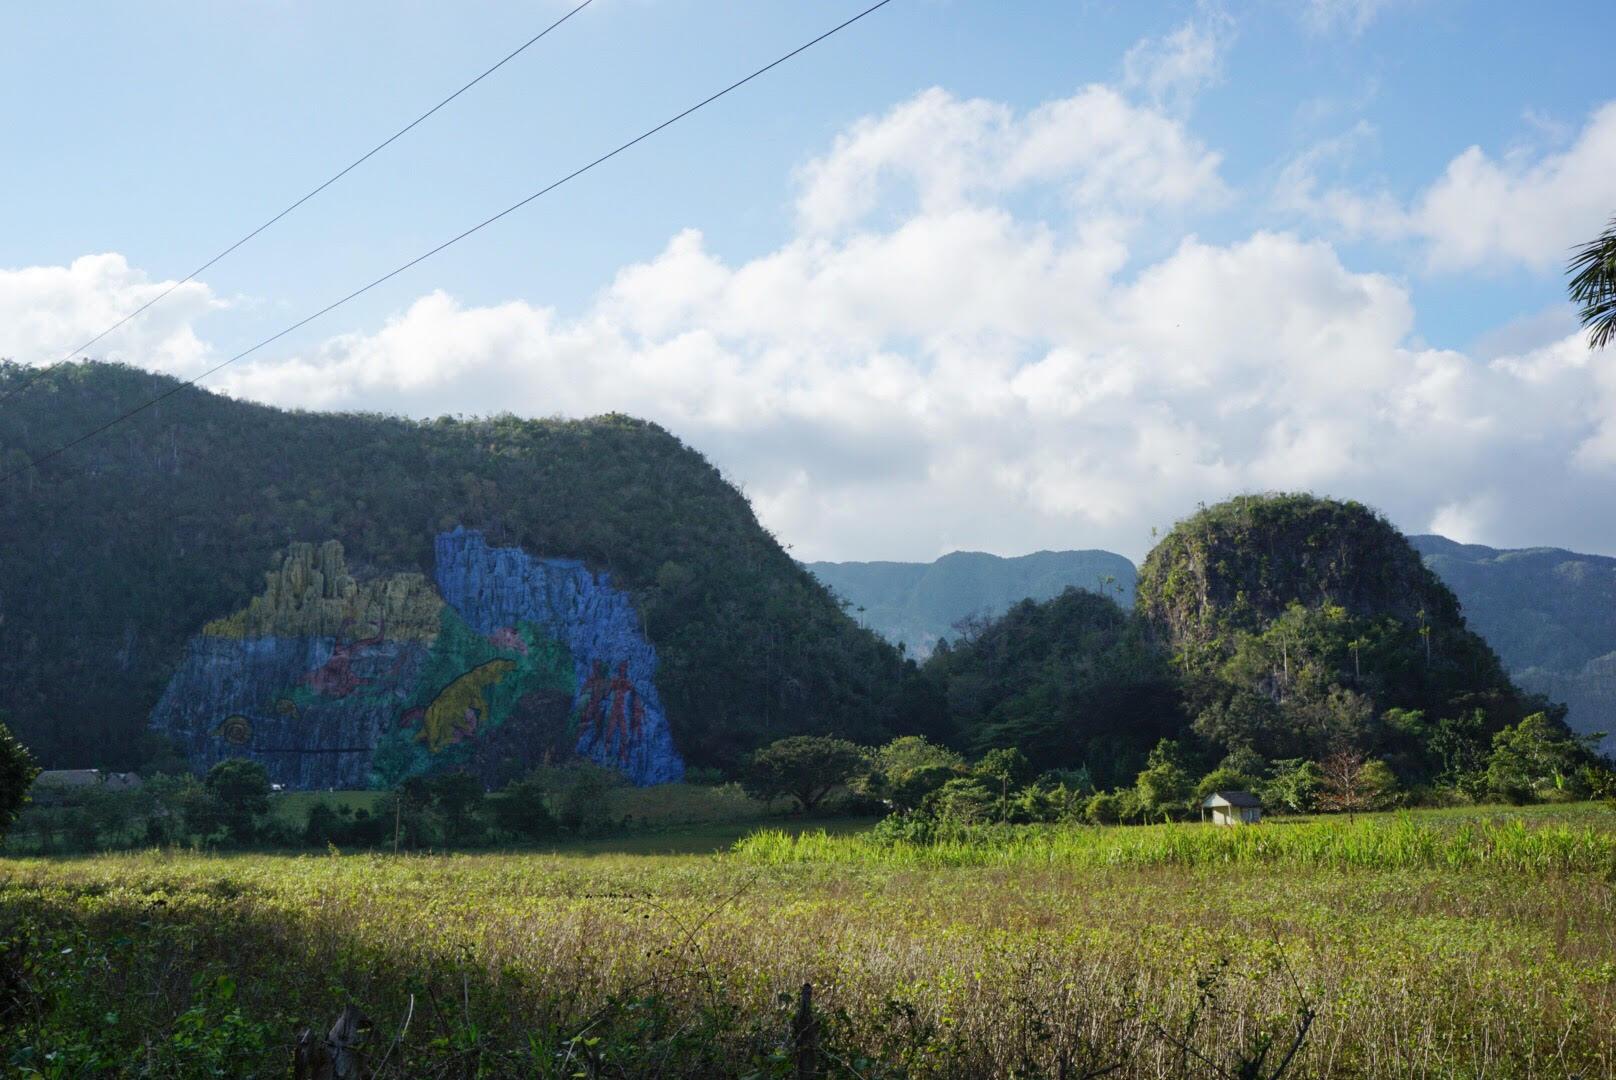 El Mural (Mural de la Prehistorica)